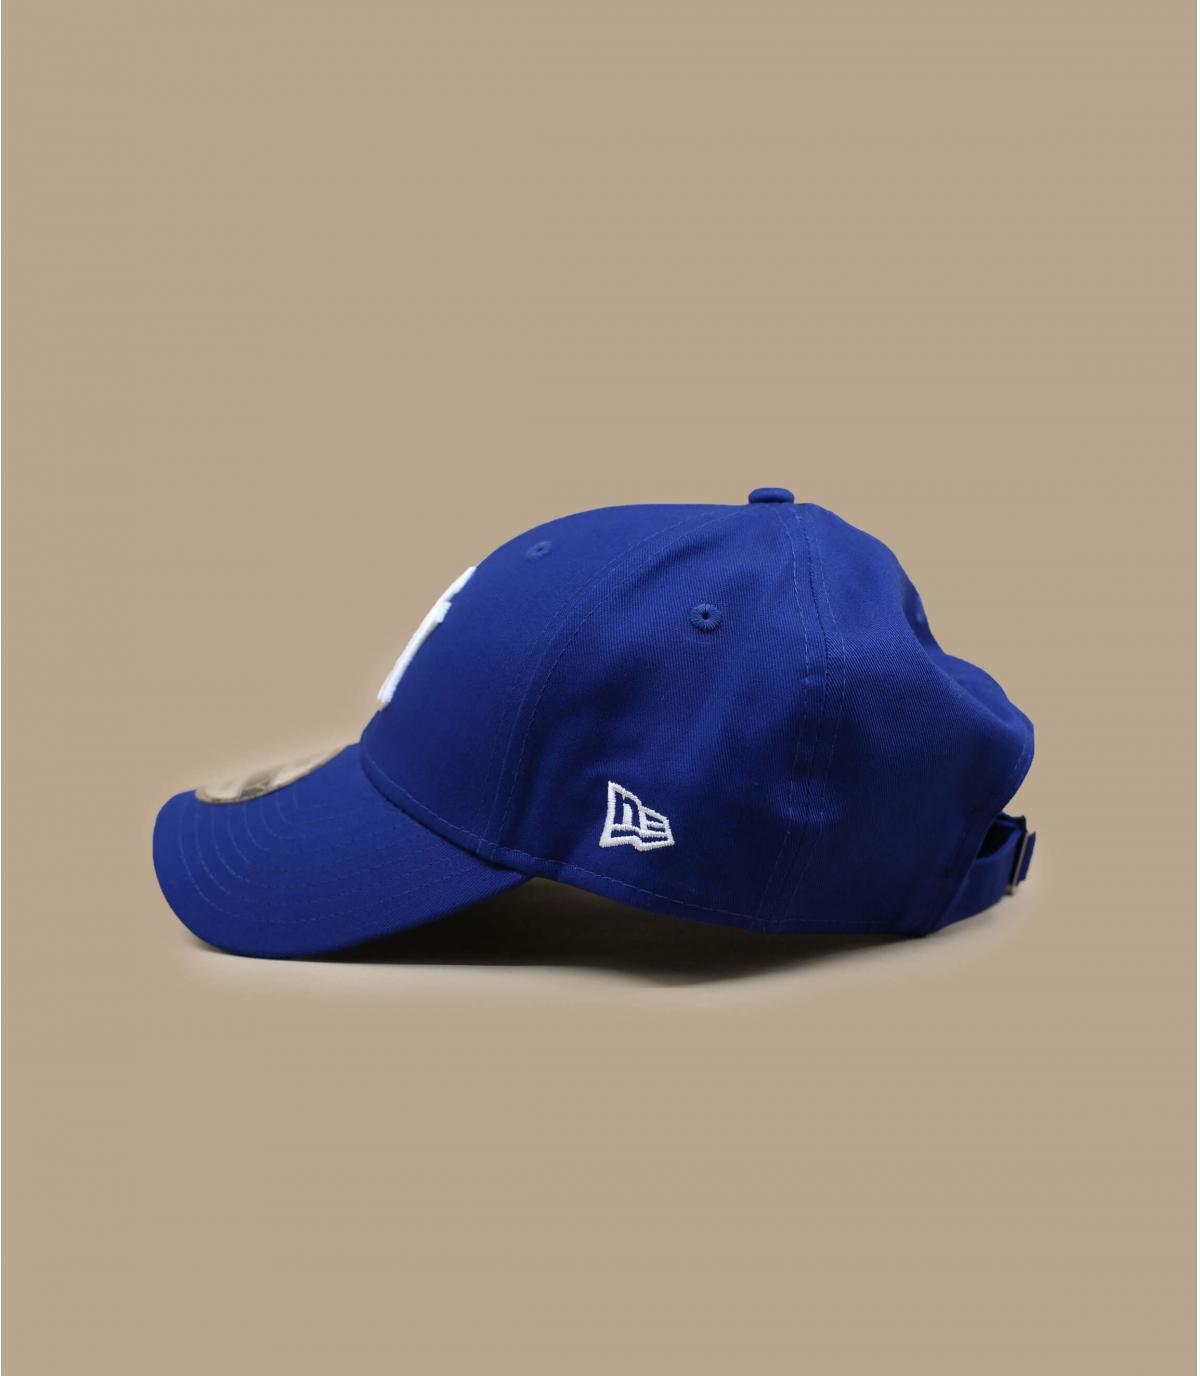 Détails Casquette NY 9forty league basic royal blue - image 3